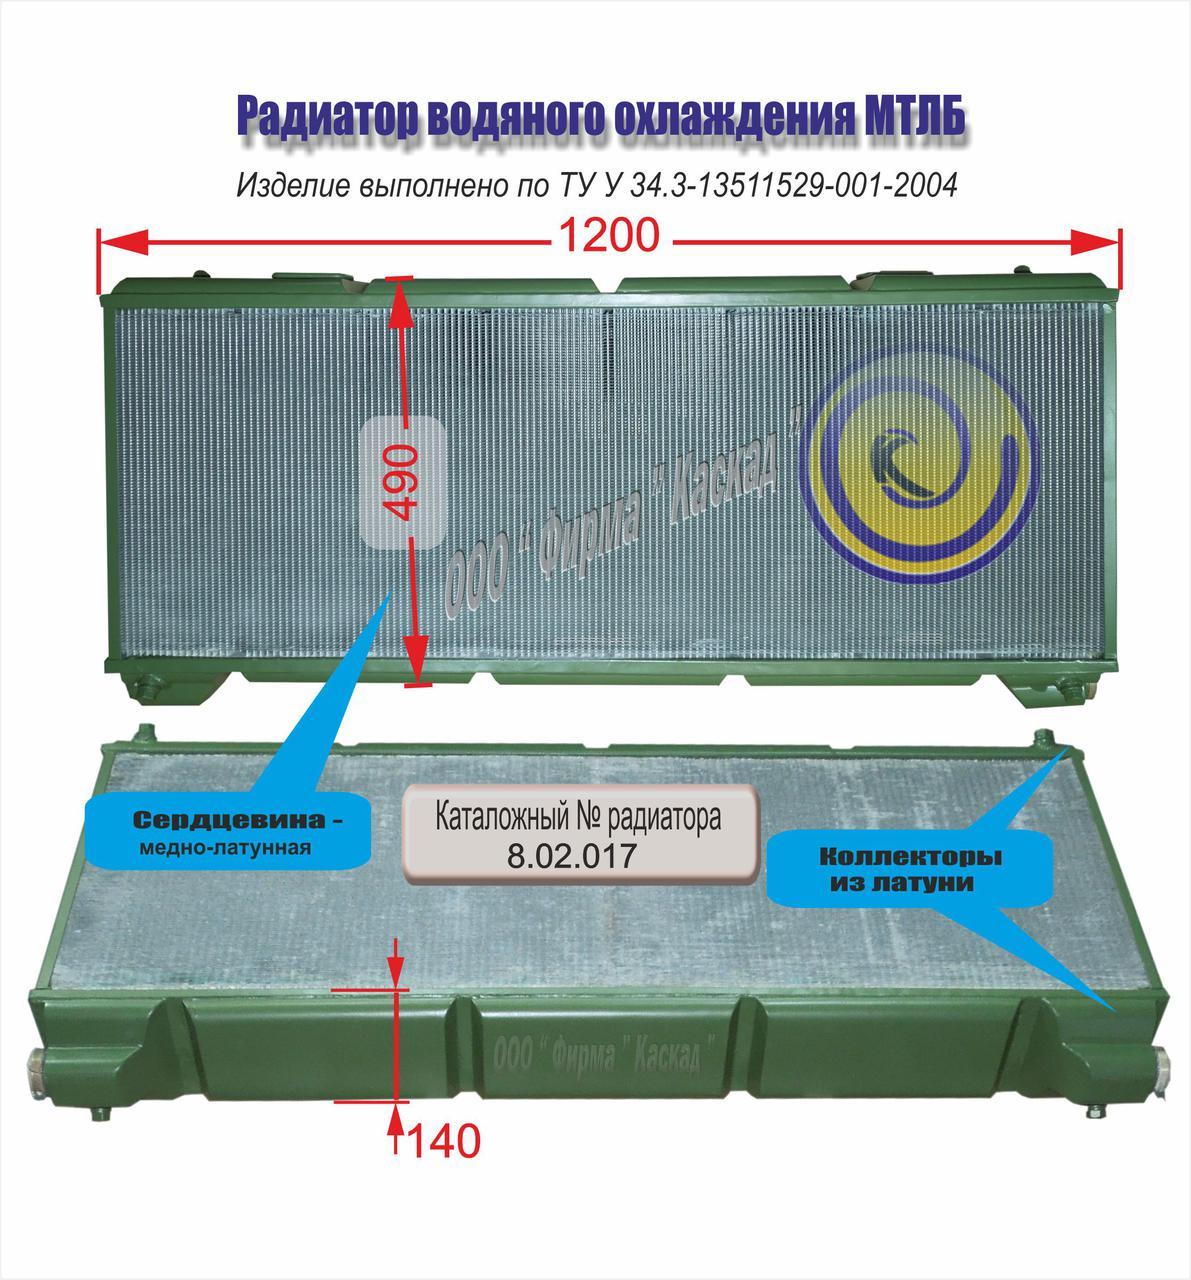 Радиатор водяного охлаждения 8.02.017 МТ-ЛБ